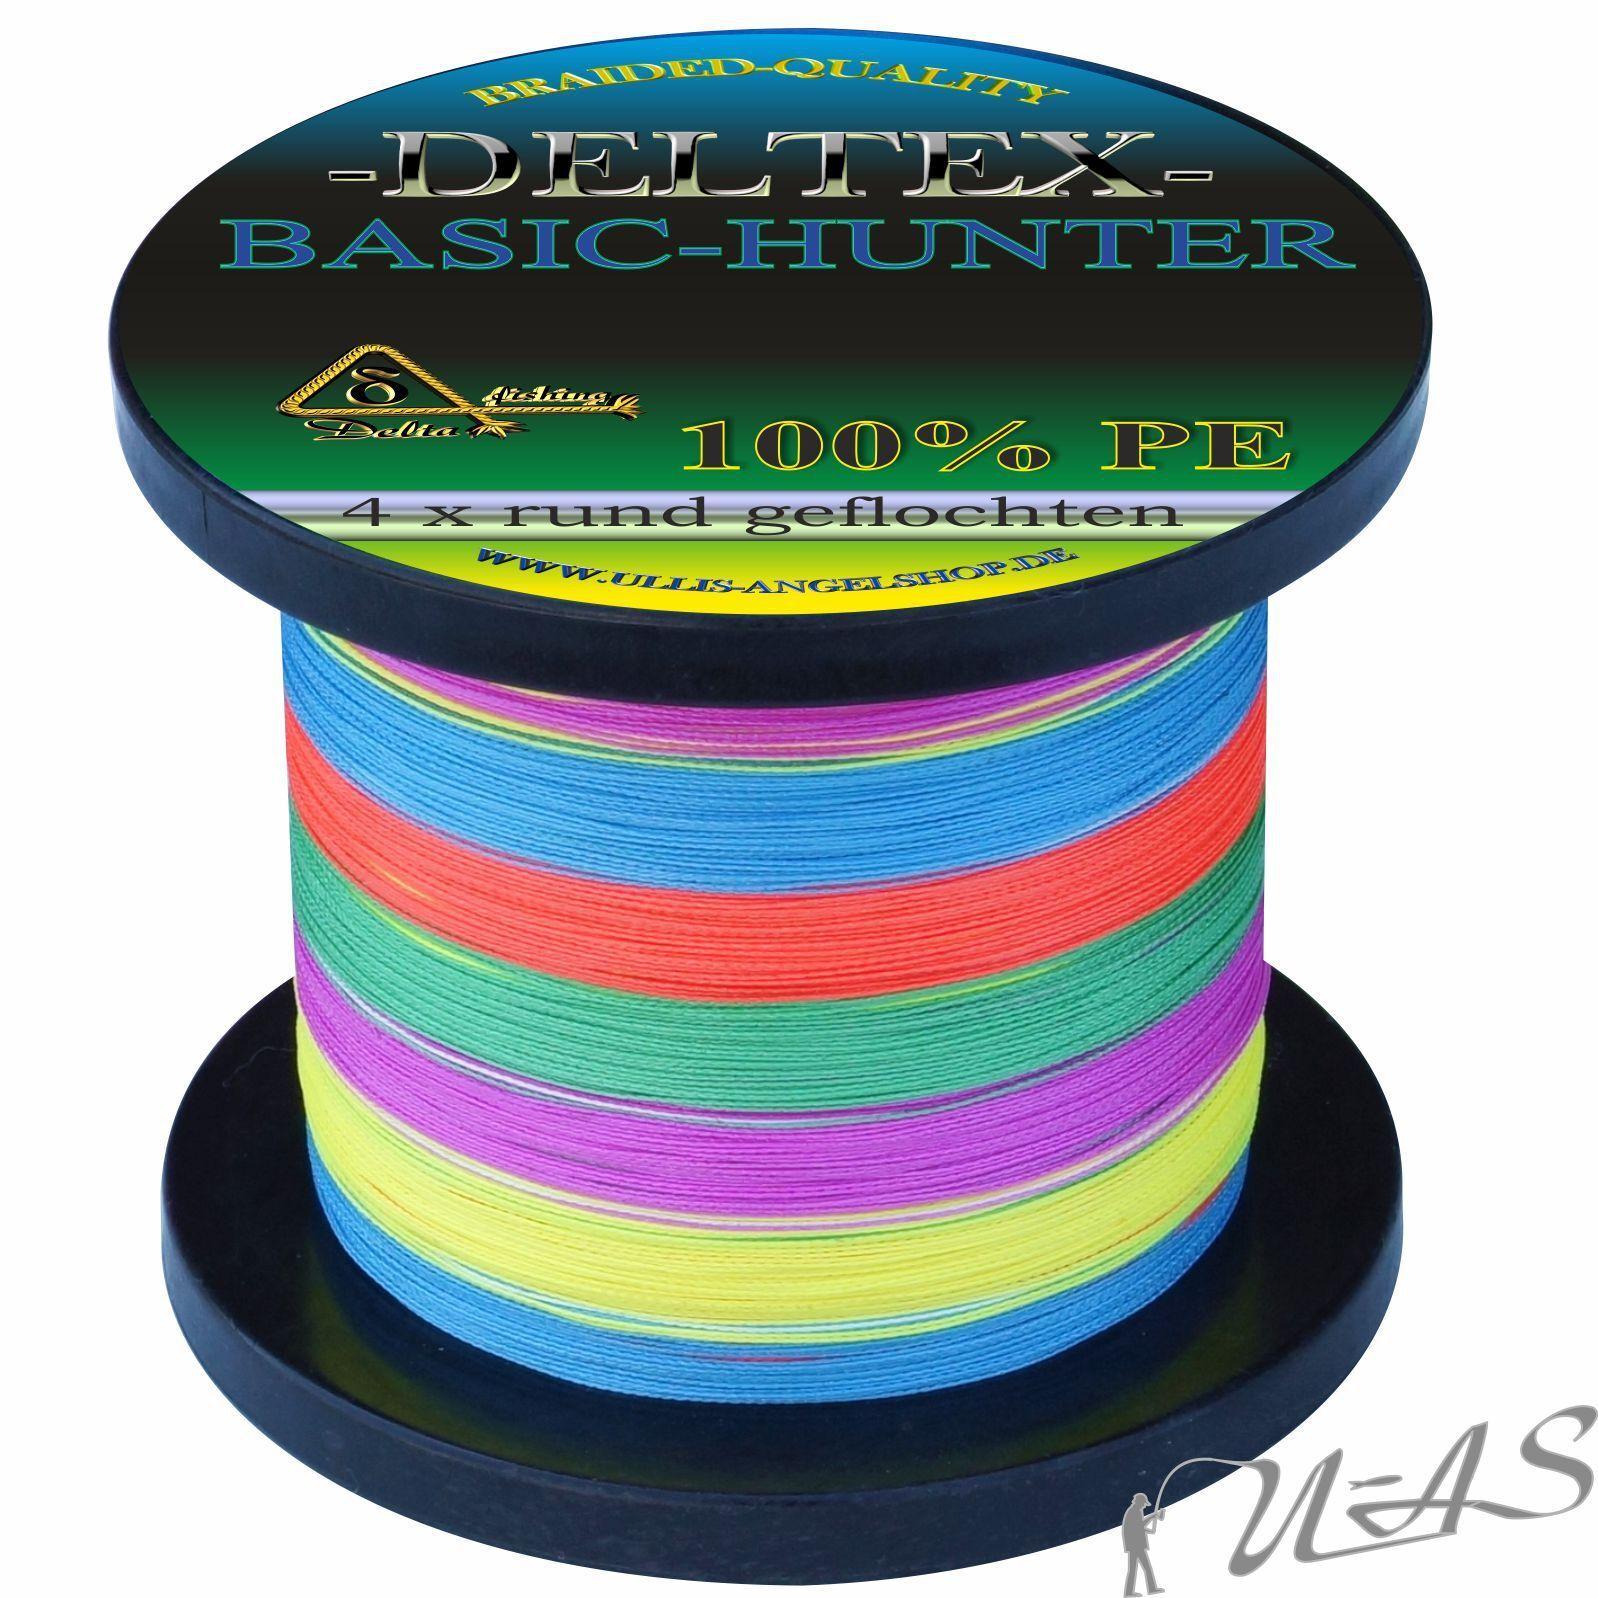 Deltex Basic Hunter Multi Farbe 0,20mm 1000M Rund Geflochtene Angelschnur Kva  | Outlet Store Online